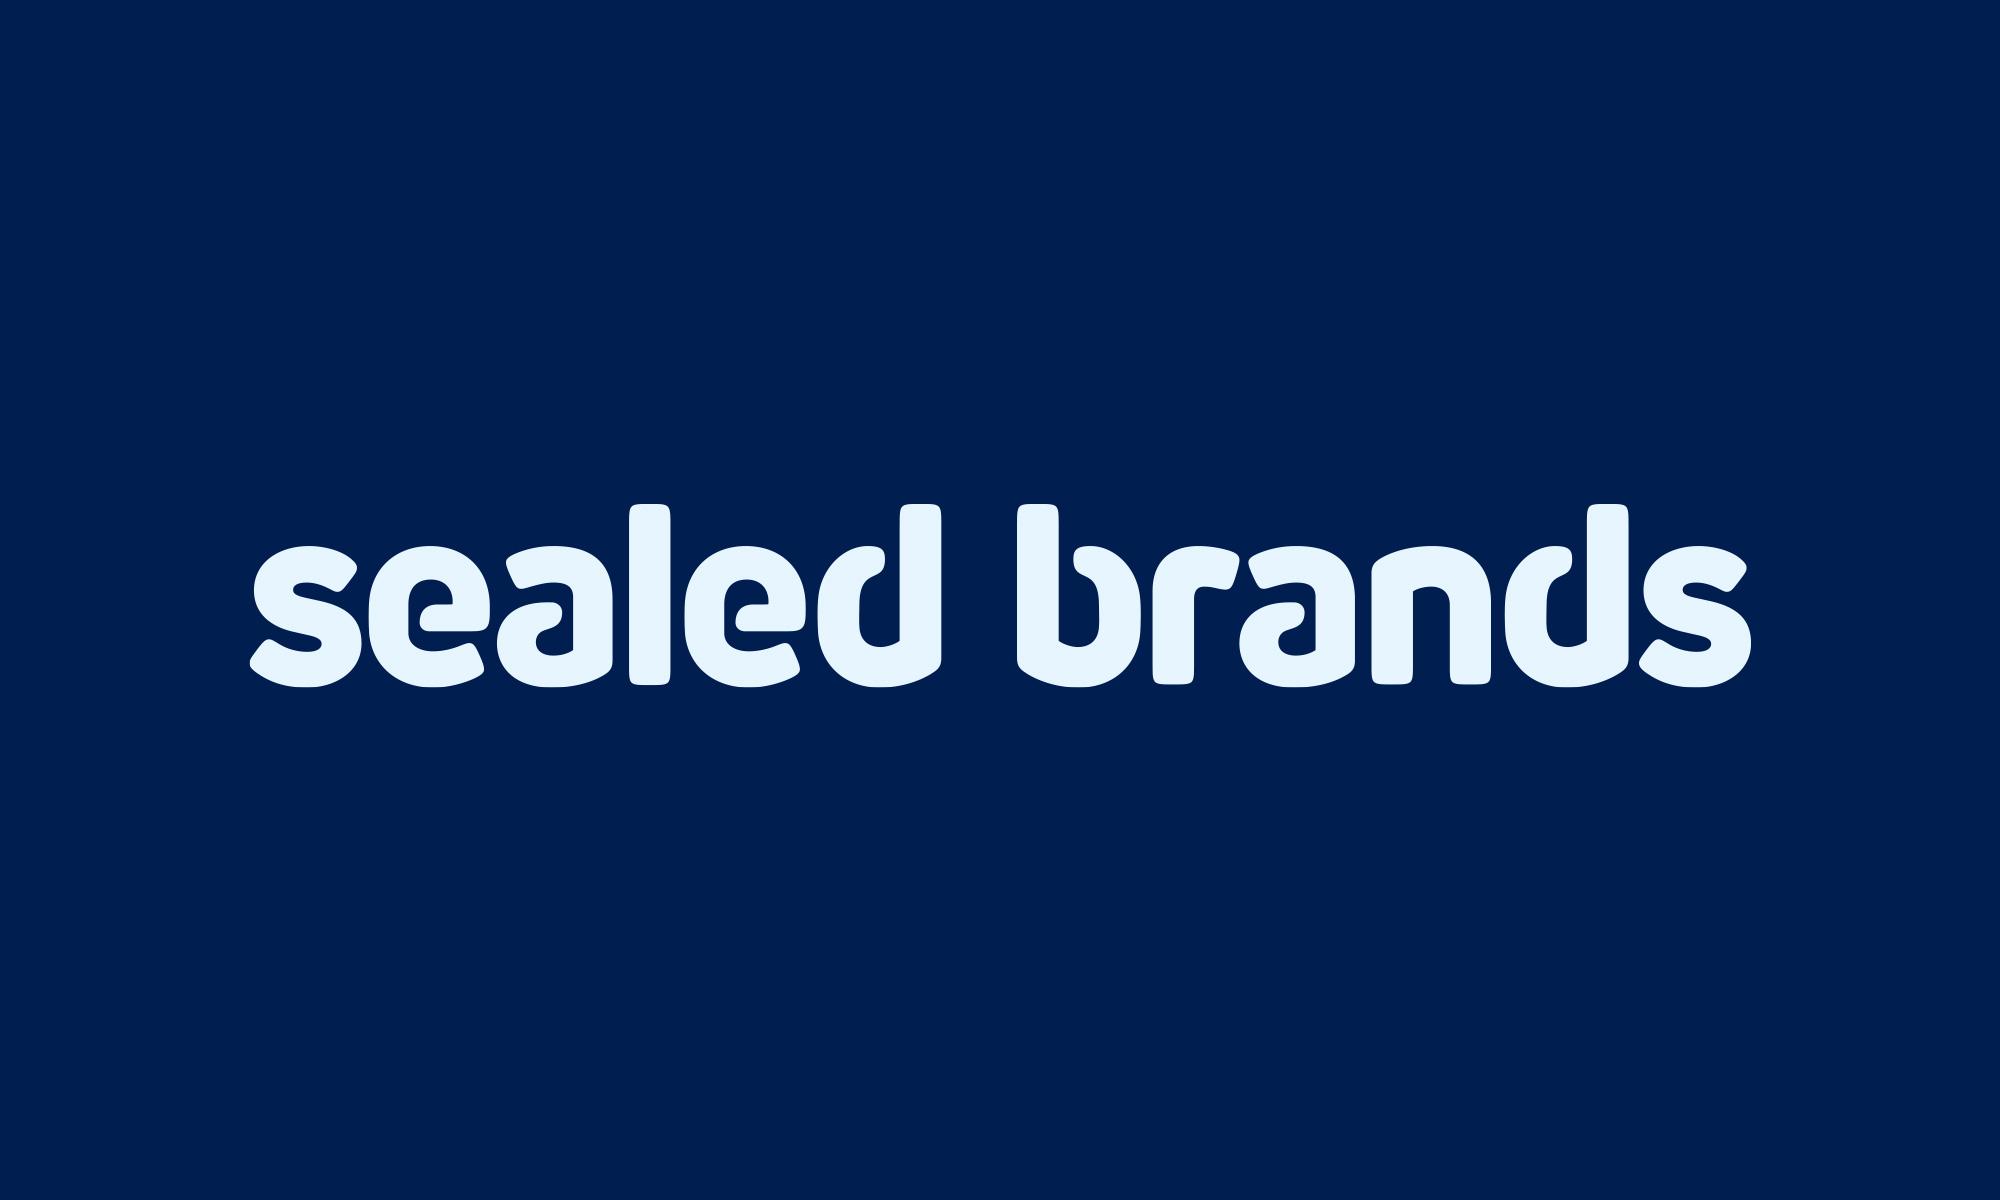 Sealed Brands wordmark